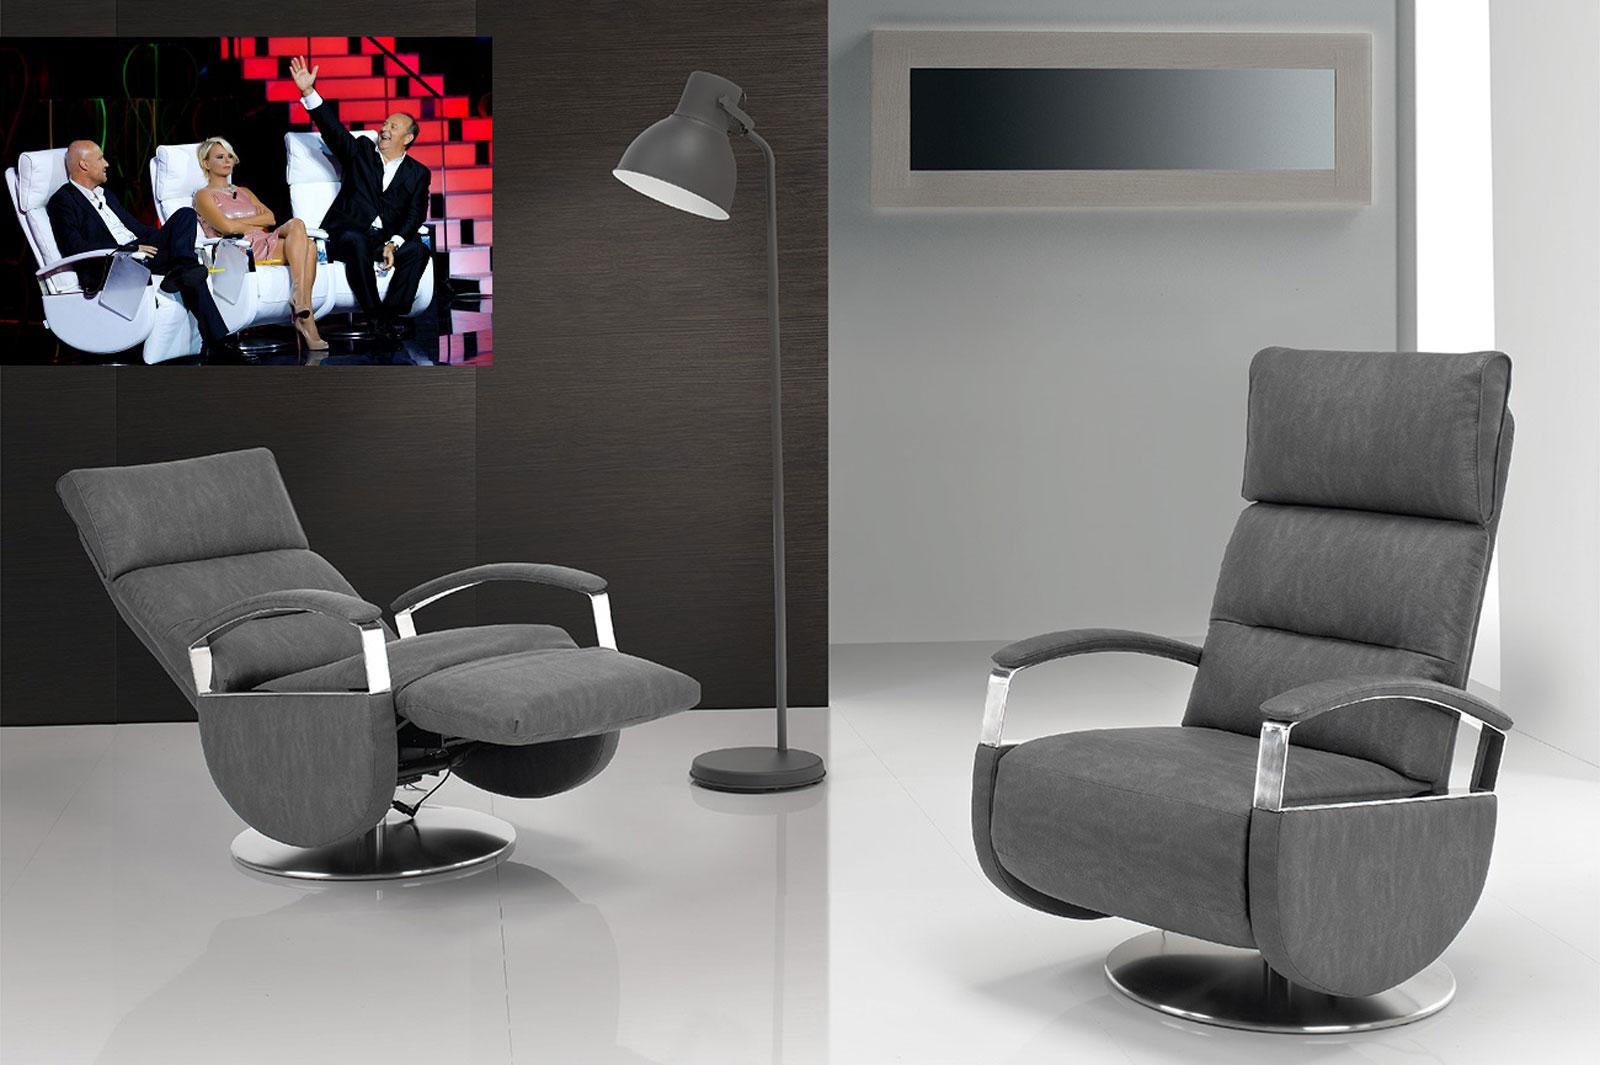 Poltrone Relax Tv.Poltrone Relax Design Viste In Tv Foto Grande Poltrone